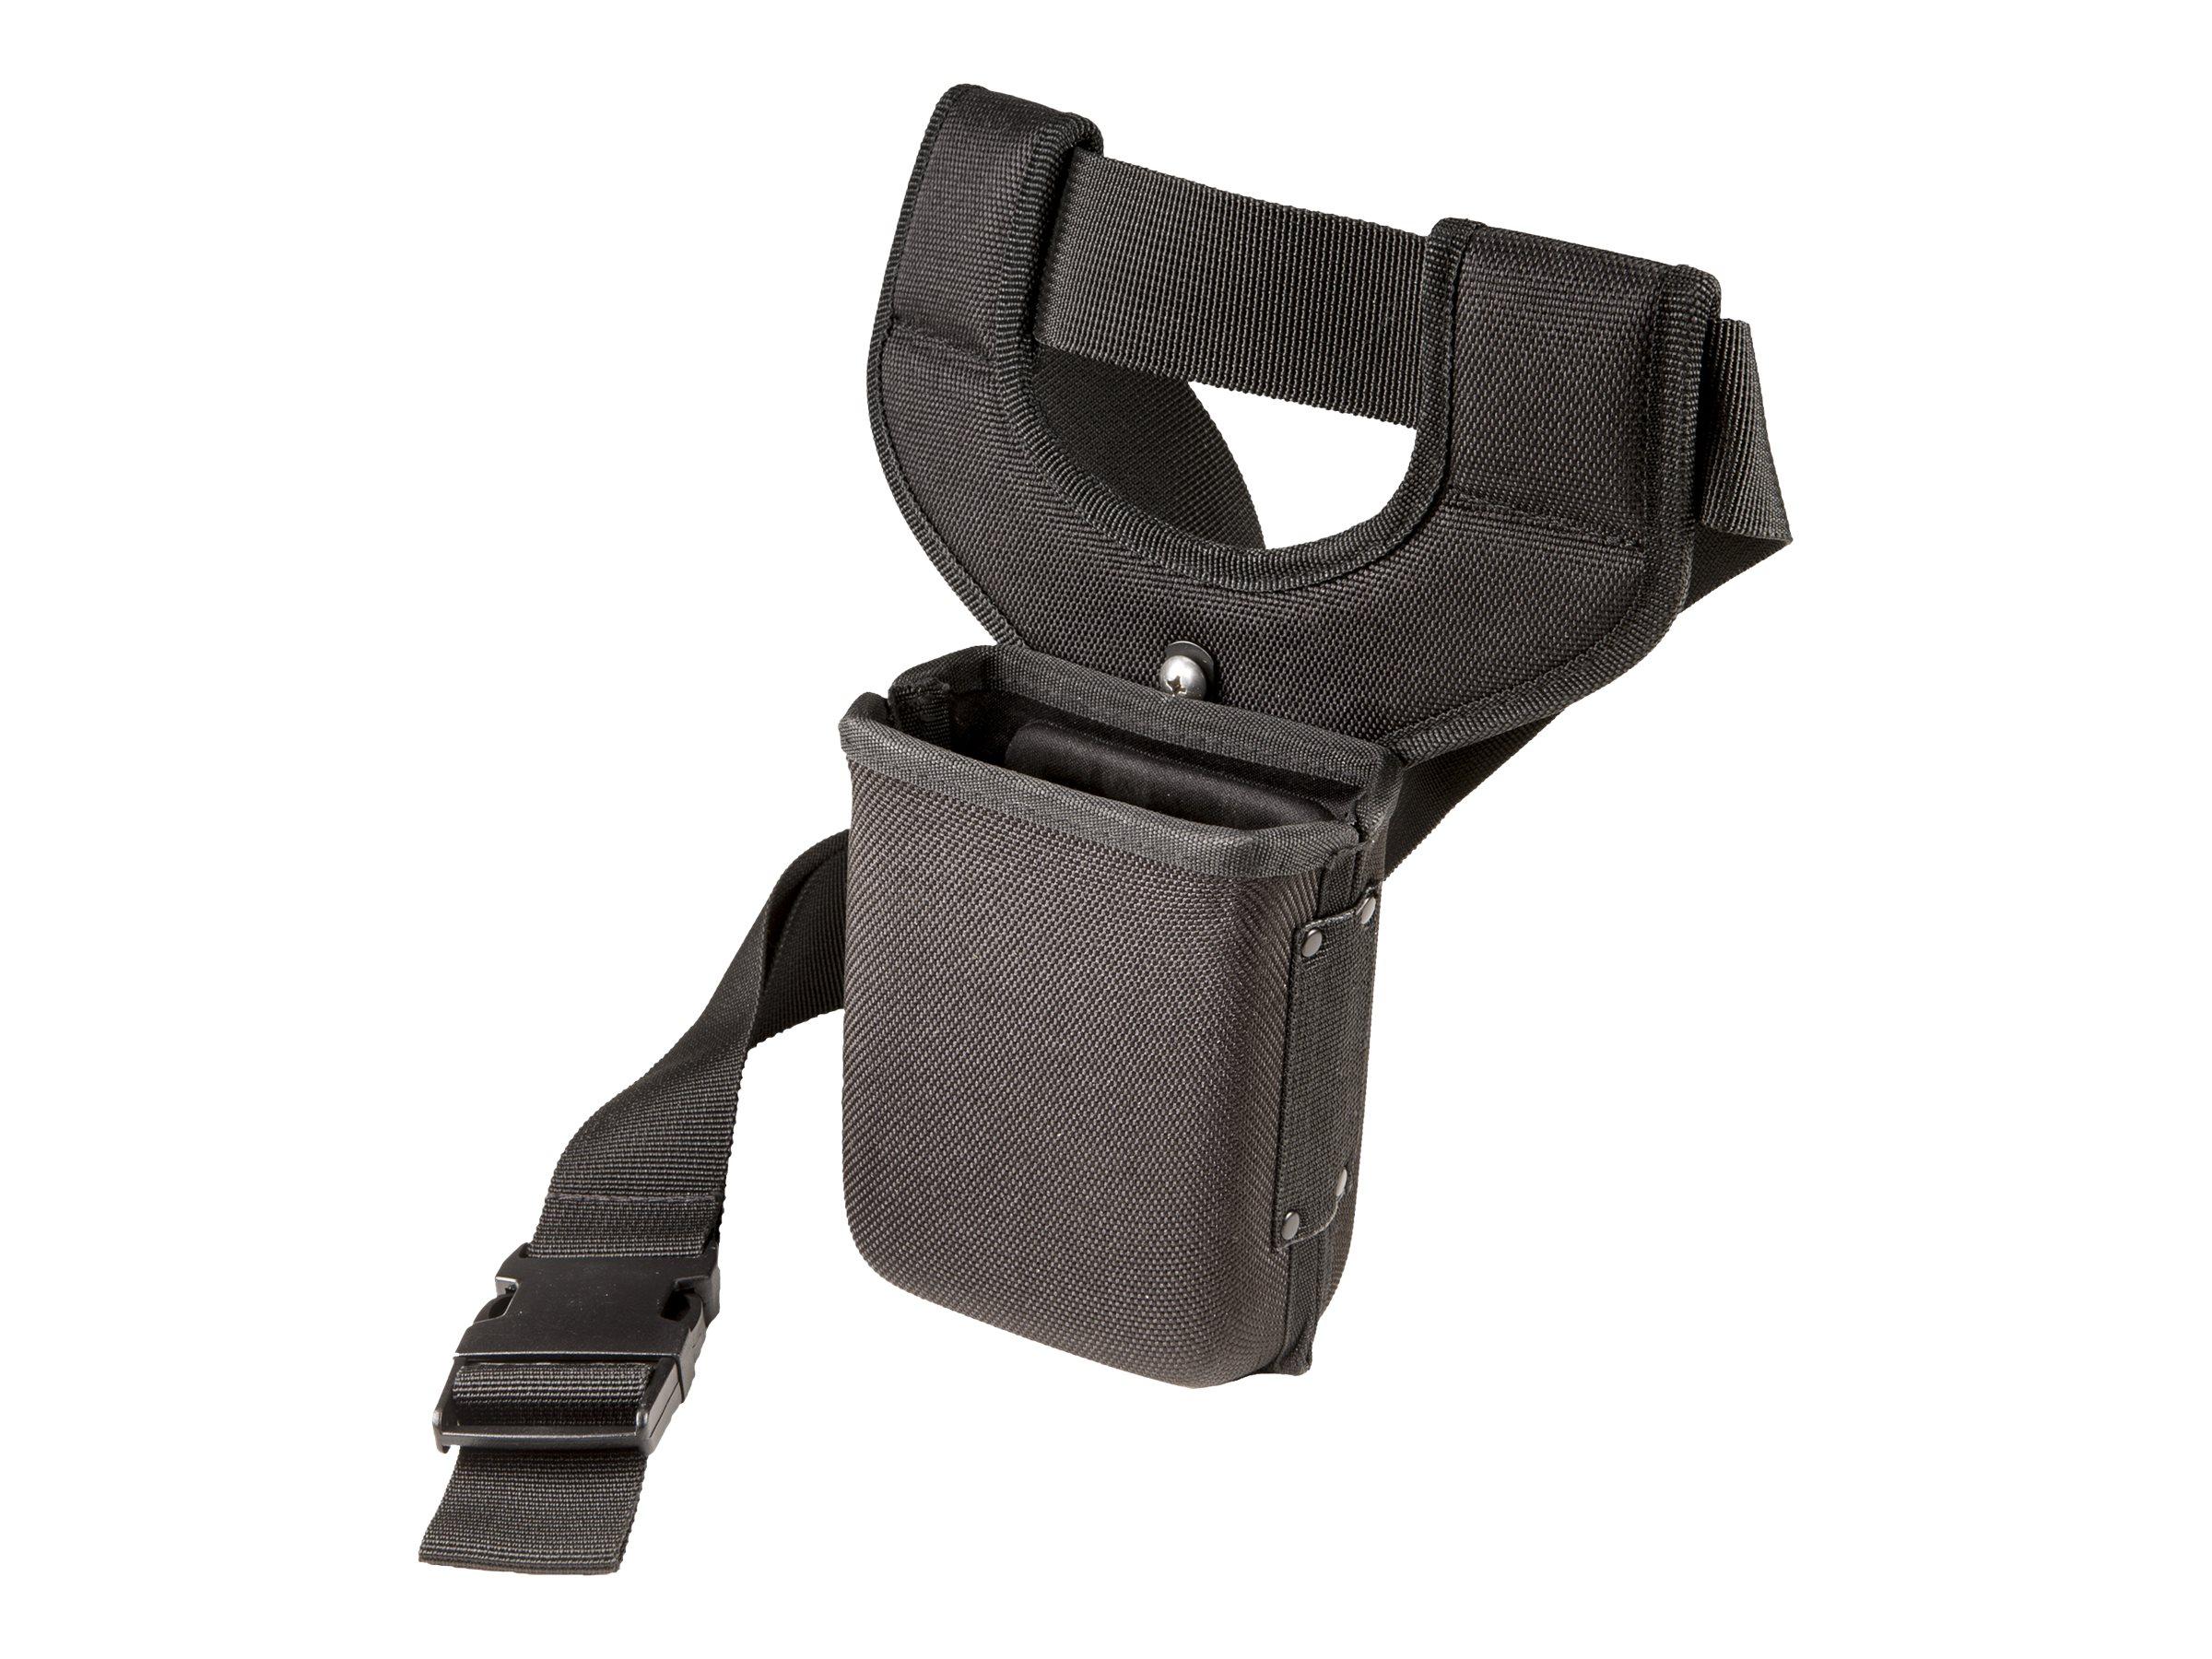 HONEYWELL Handheld-Tasche mit Gurt - für Intermec CK3R